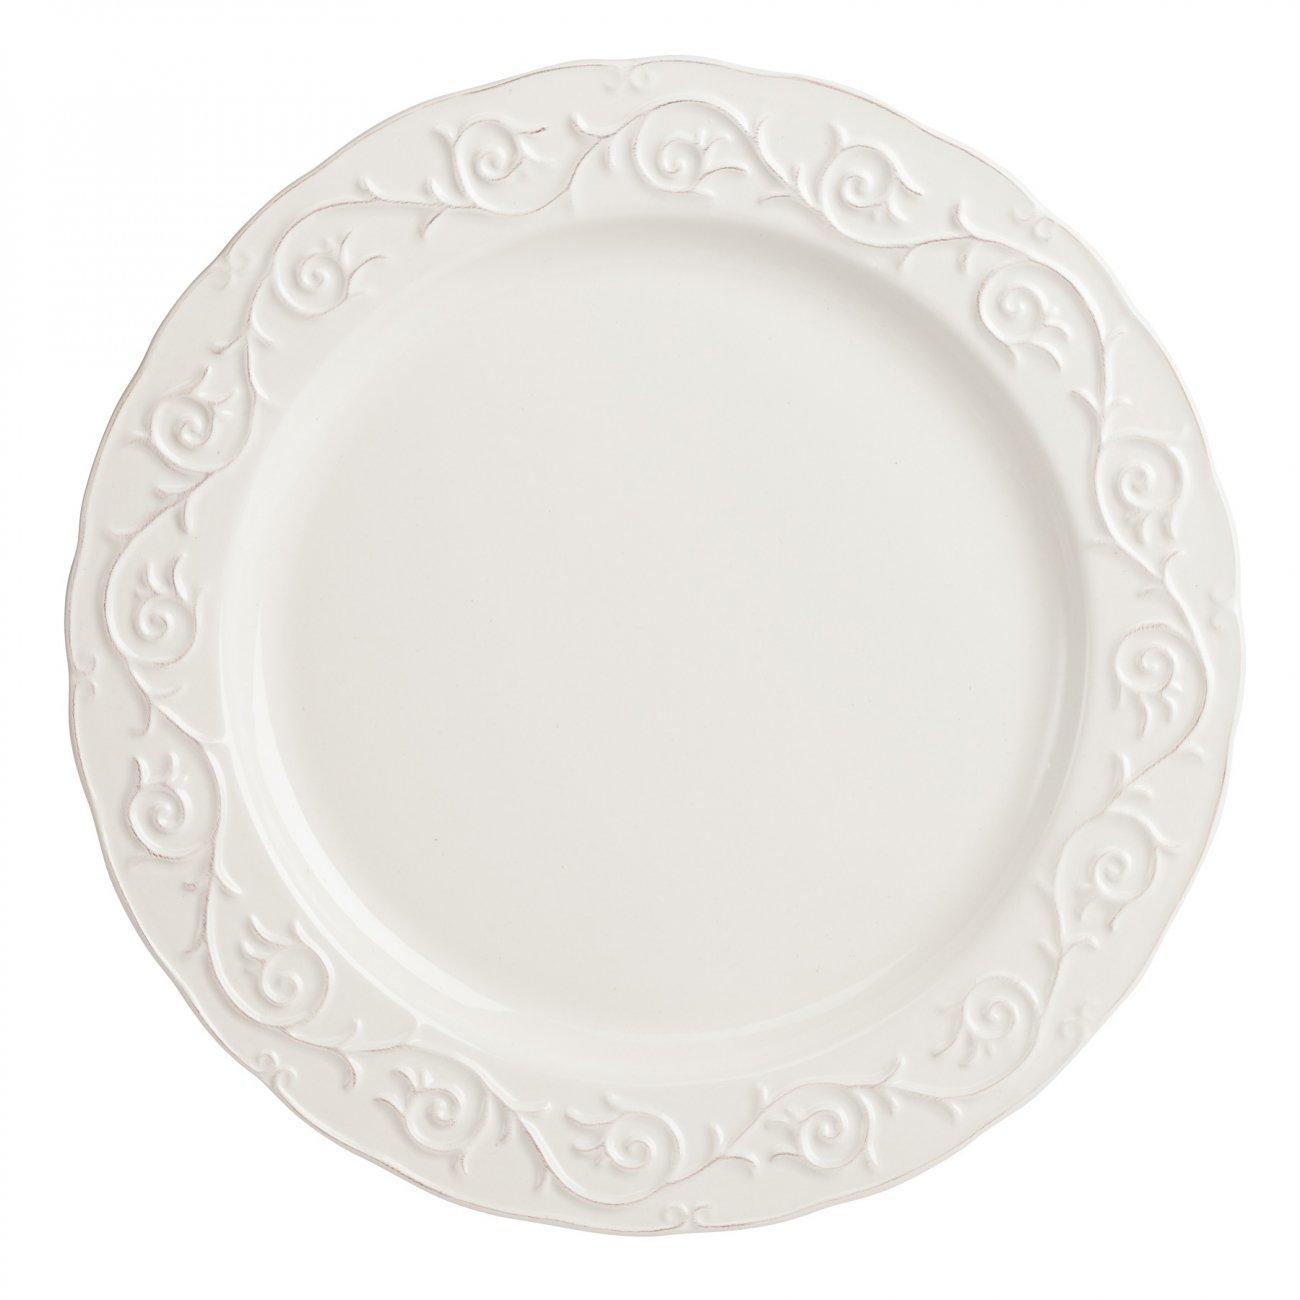 Купить Большая тарелка Jovanotti в интернет магазине дизайнерской мебели и аксессуаров для дома и дачи